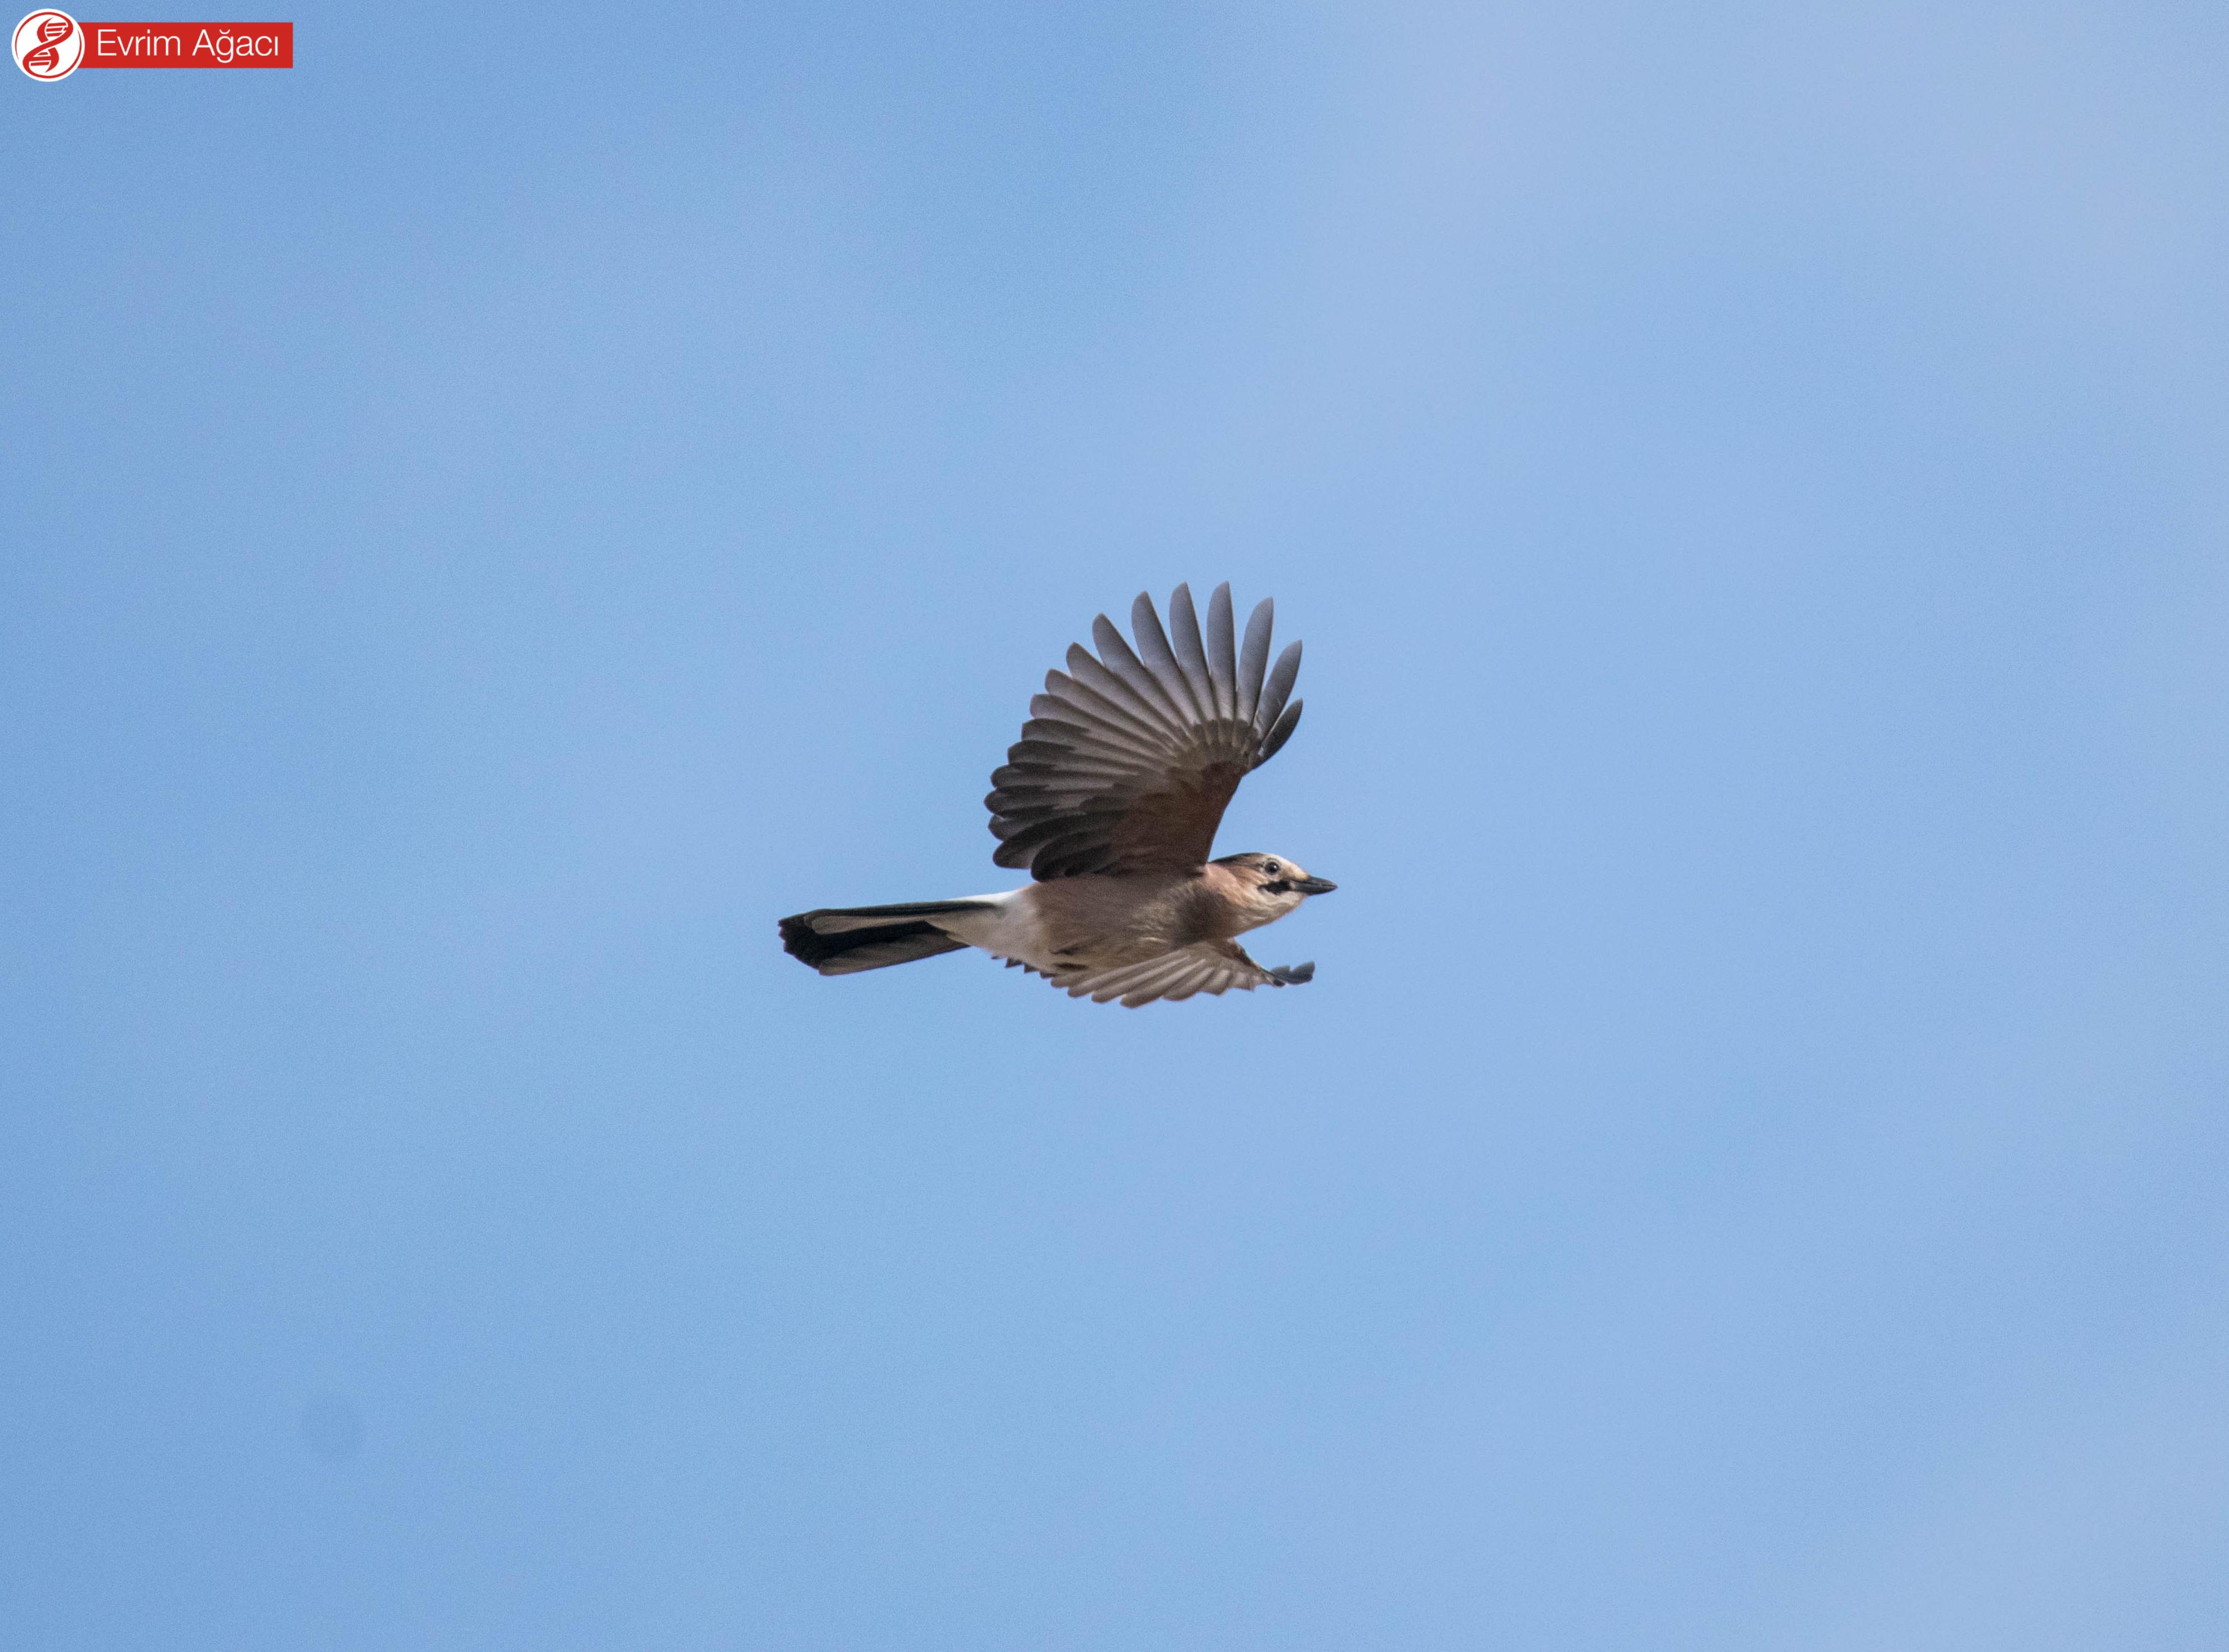 Uçarken ani bir şekilde kanatlarını vücutlarına tamamen yapıştırıp, uzaklaştırabilirler. Dolayısıyla ibibik gibi kesikli uçuş tarzları ile tanınabilirler.